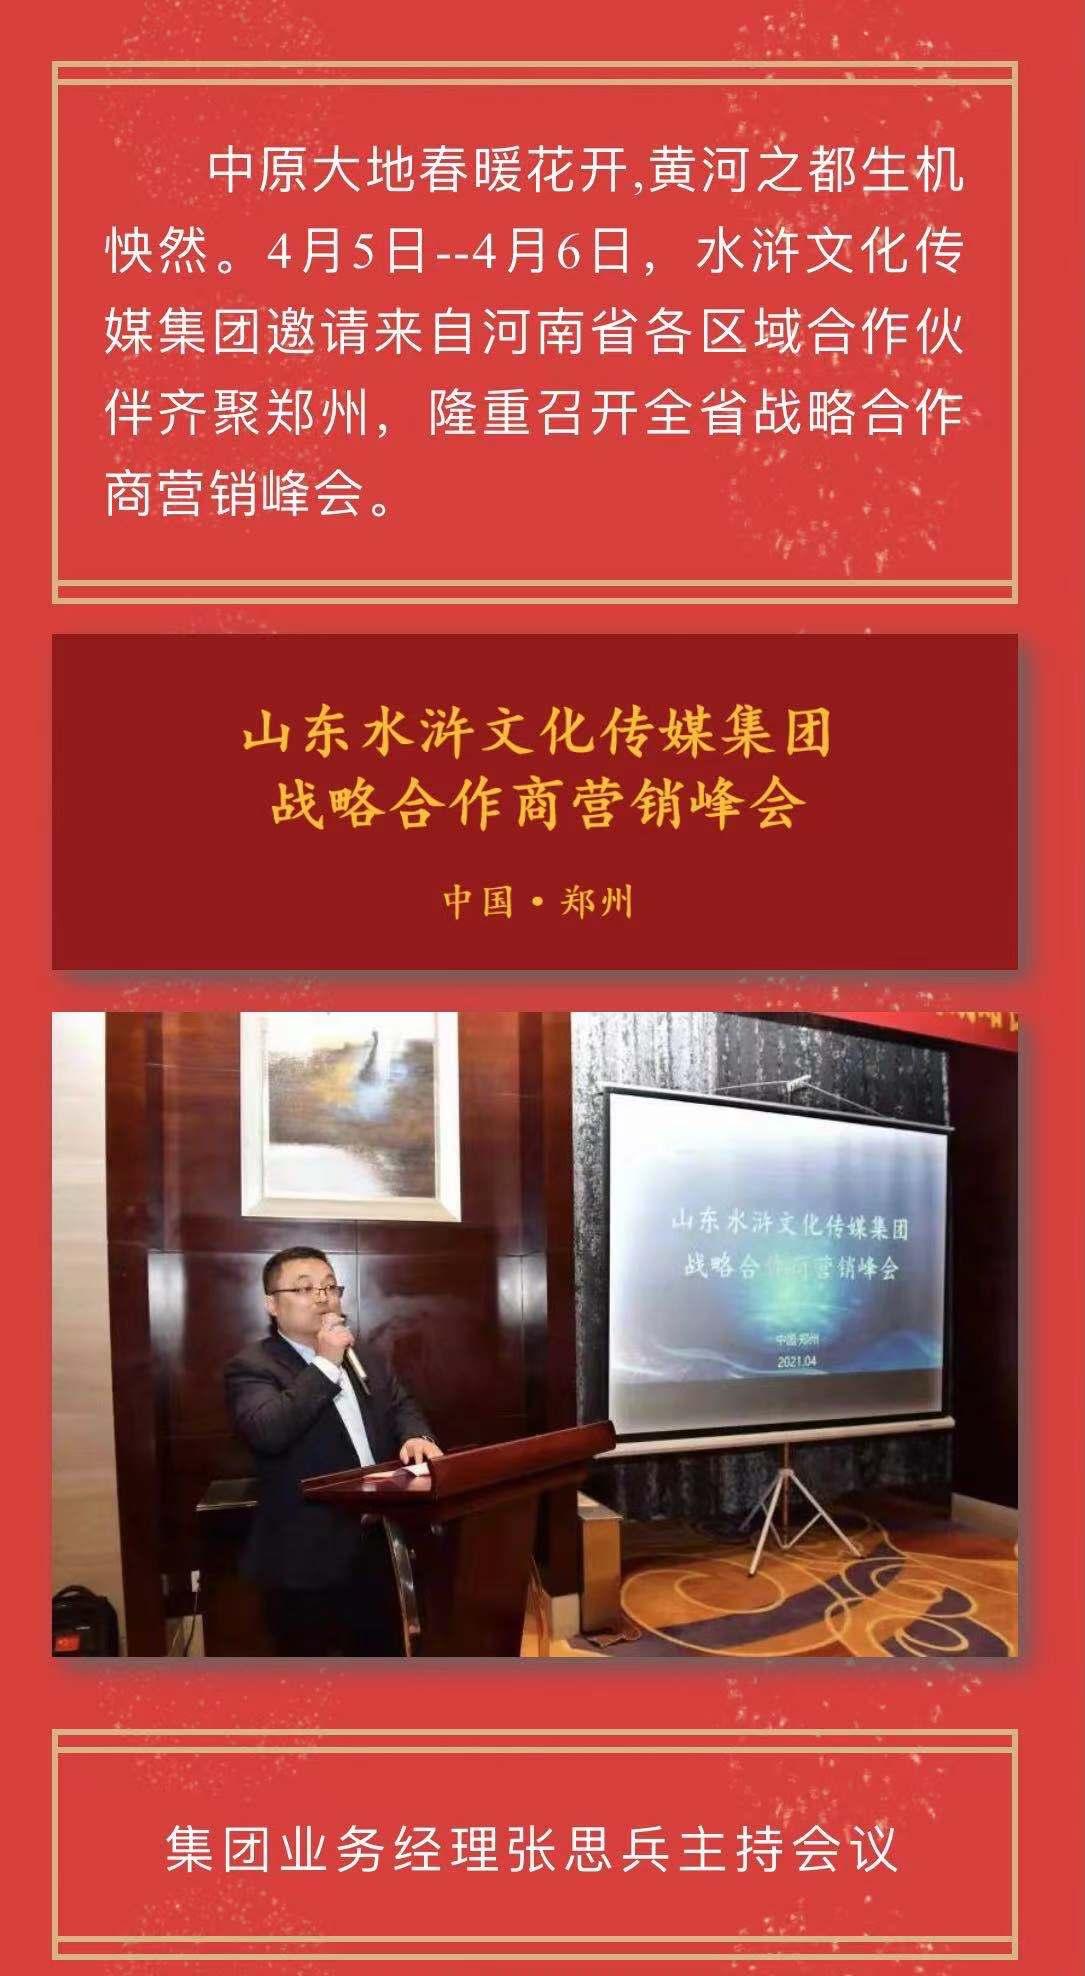 熱烈祝賀河南省戰略合作商營銷峰會圓滿成功!